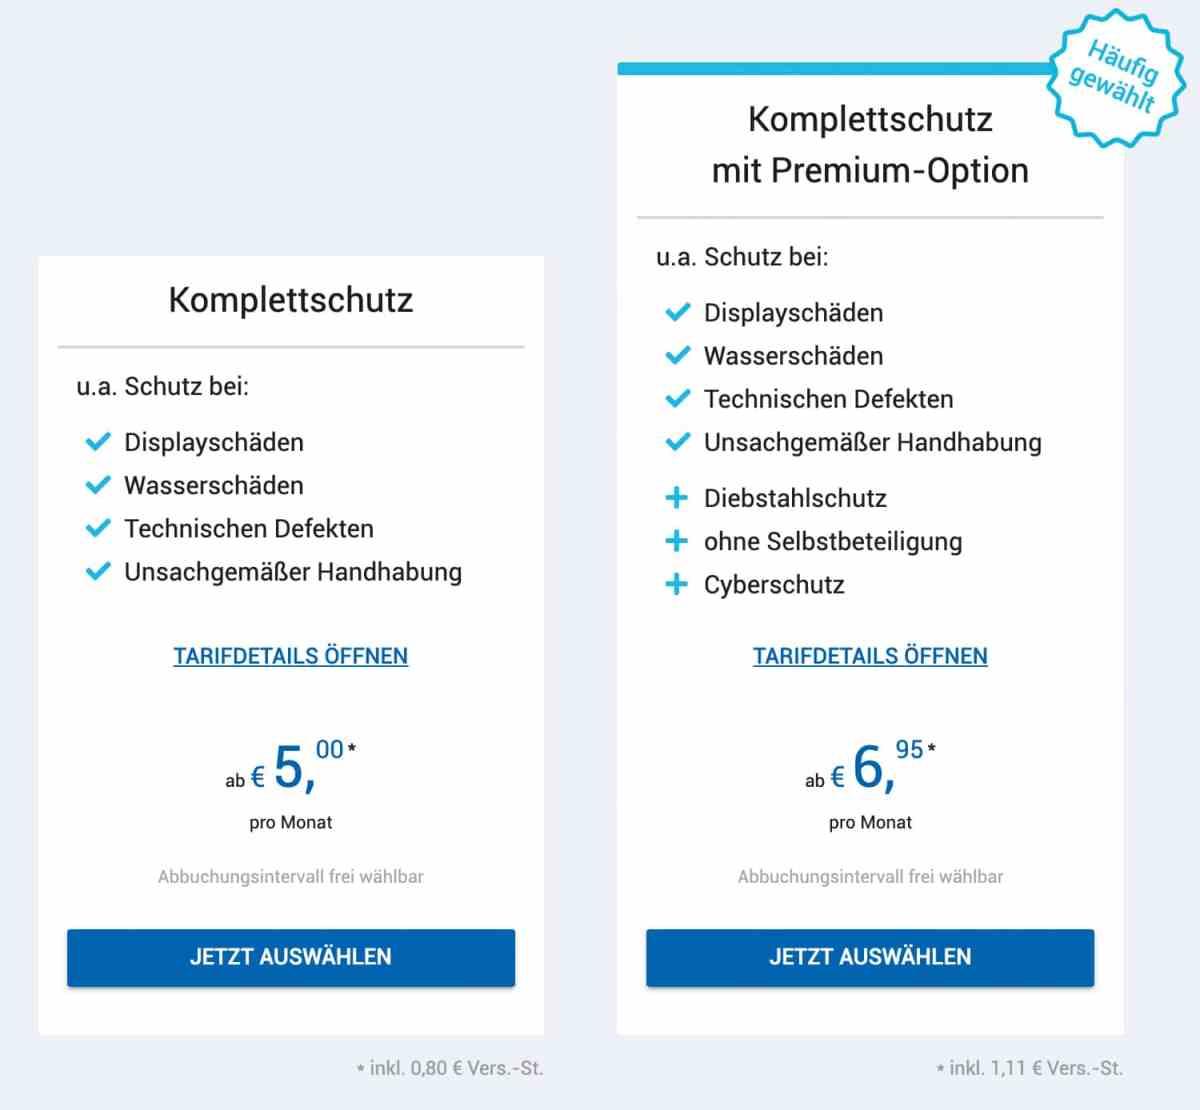 Wertgarantie Komplettschutz vs. Komplettschutz mit Premium-Optionen